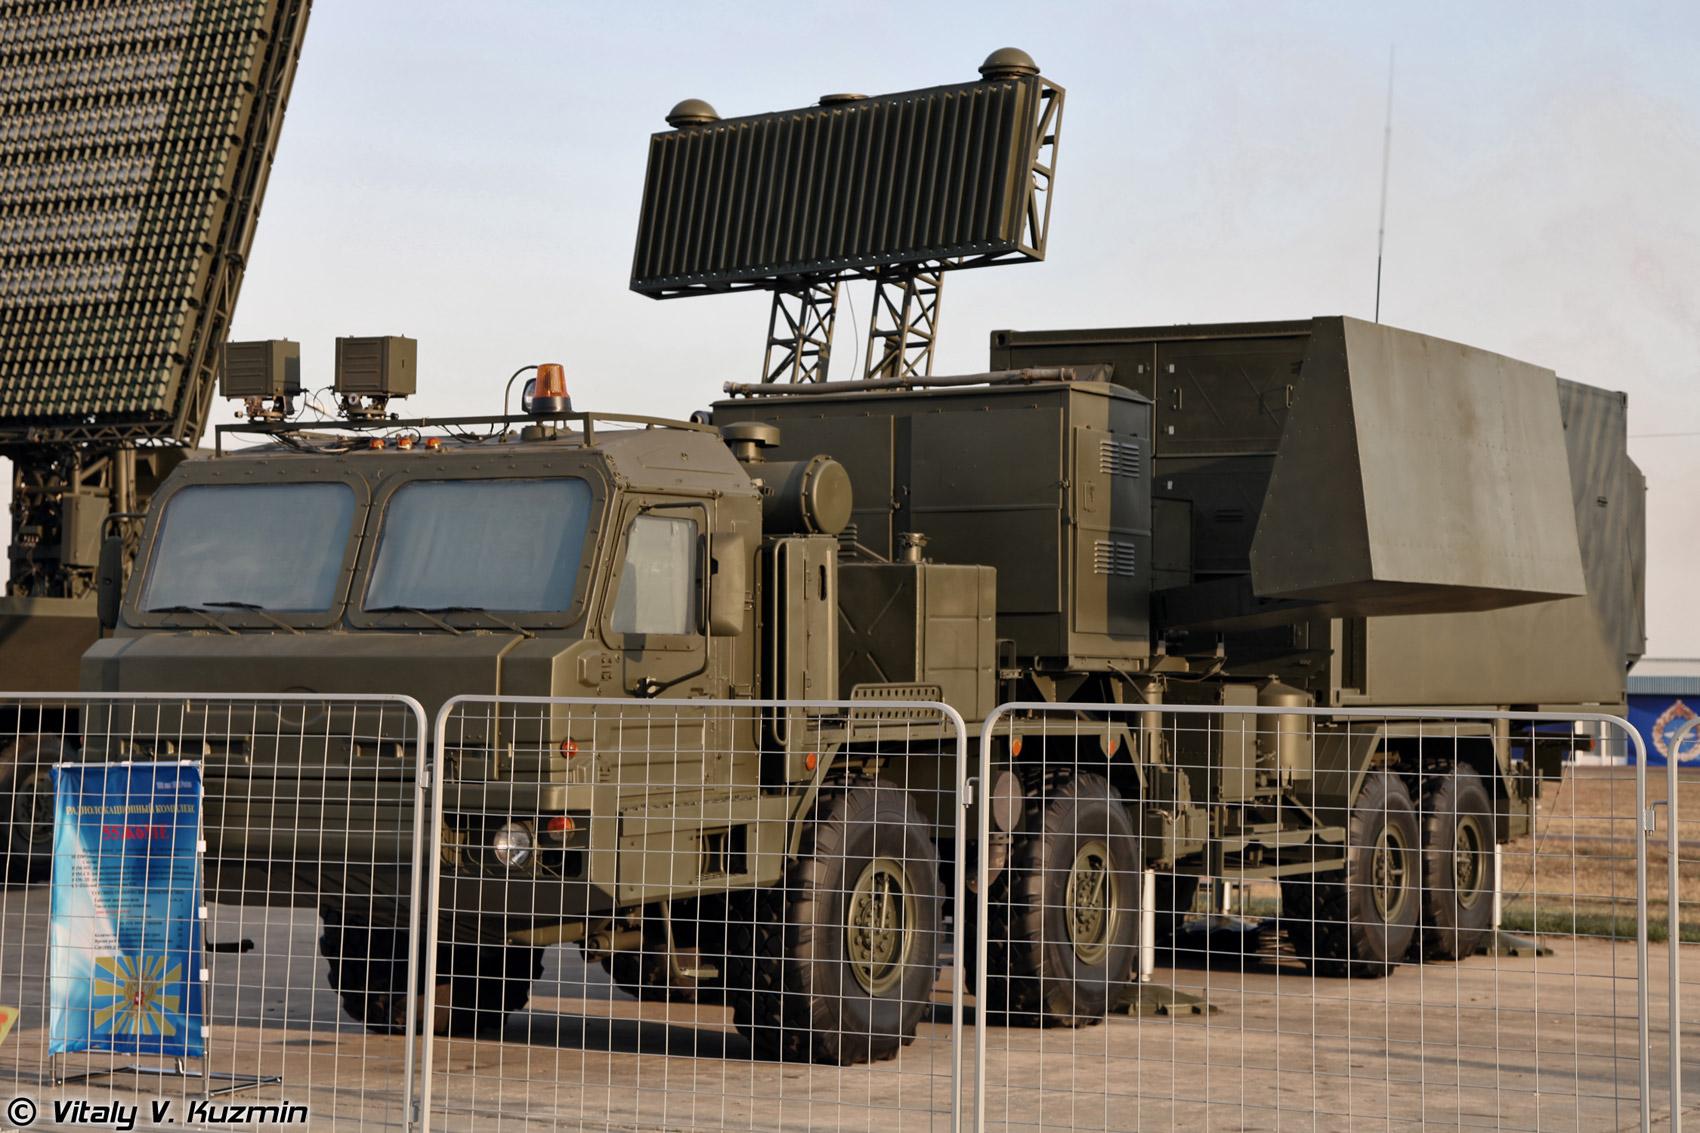 Veículo de controle RLM-KU do sistema Nebo-M